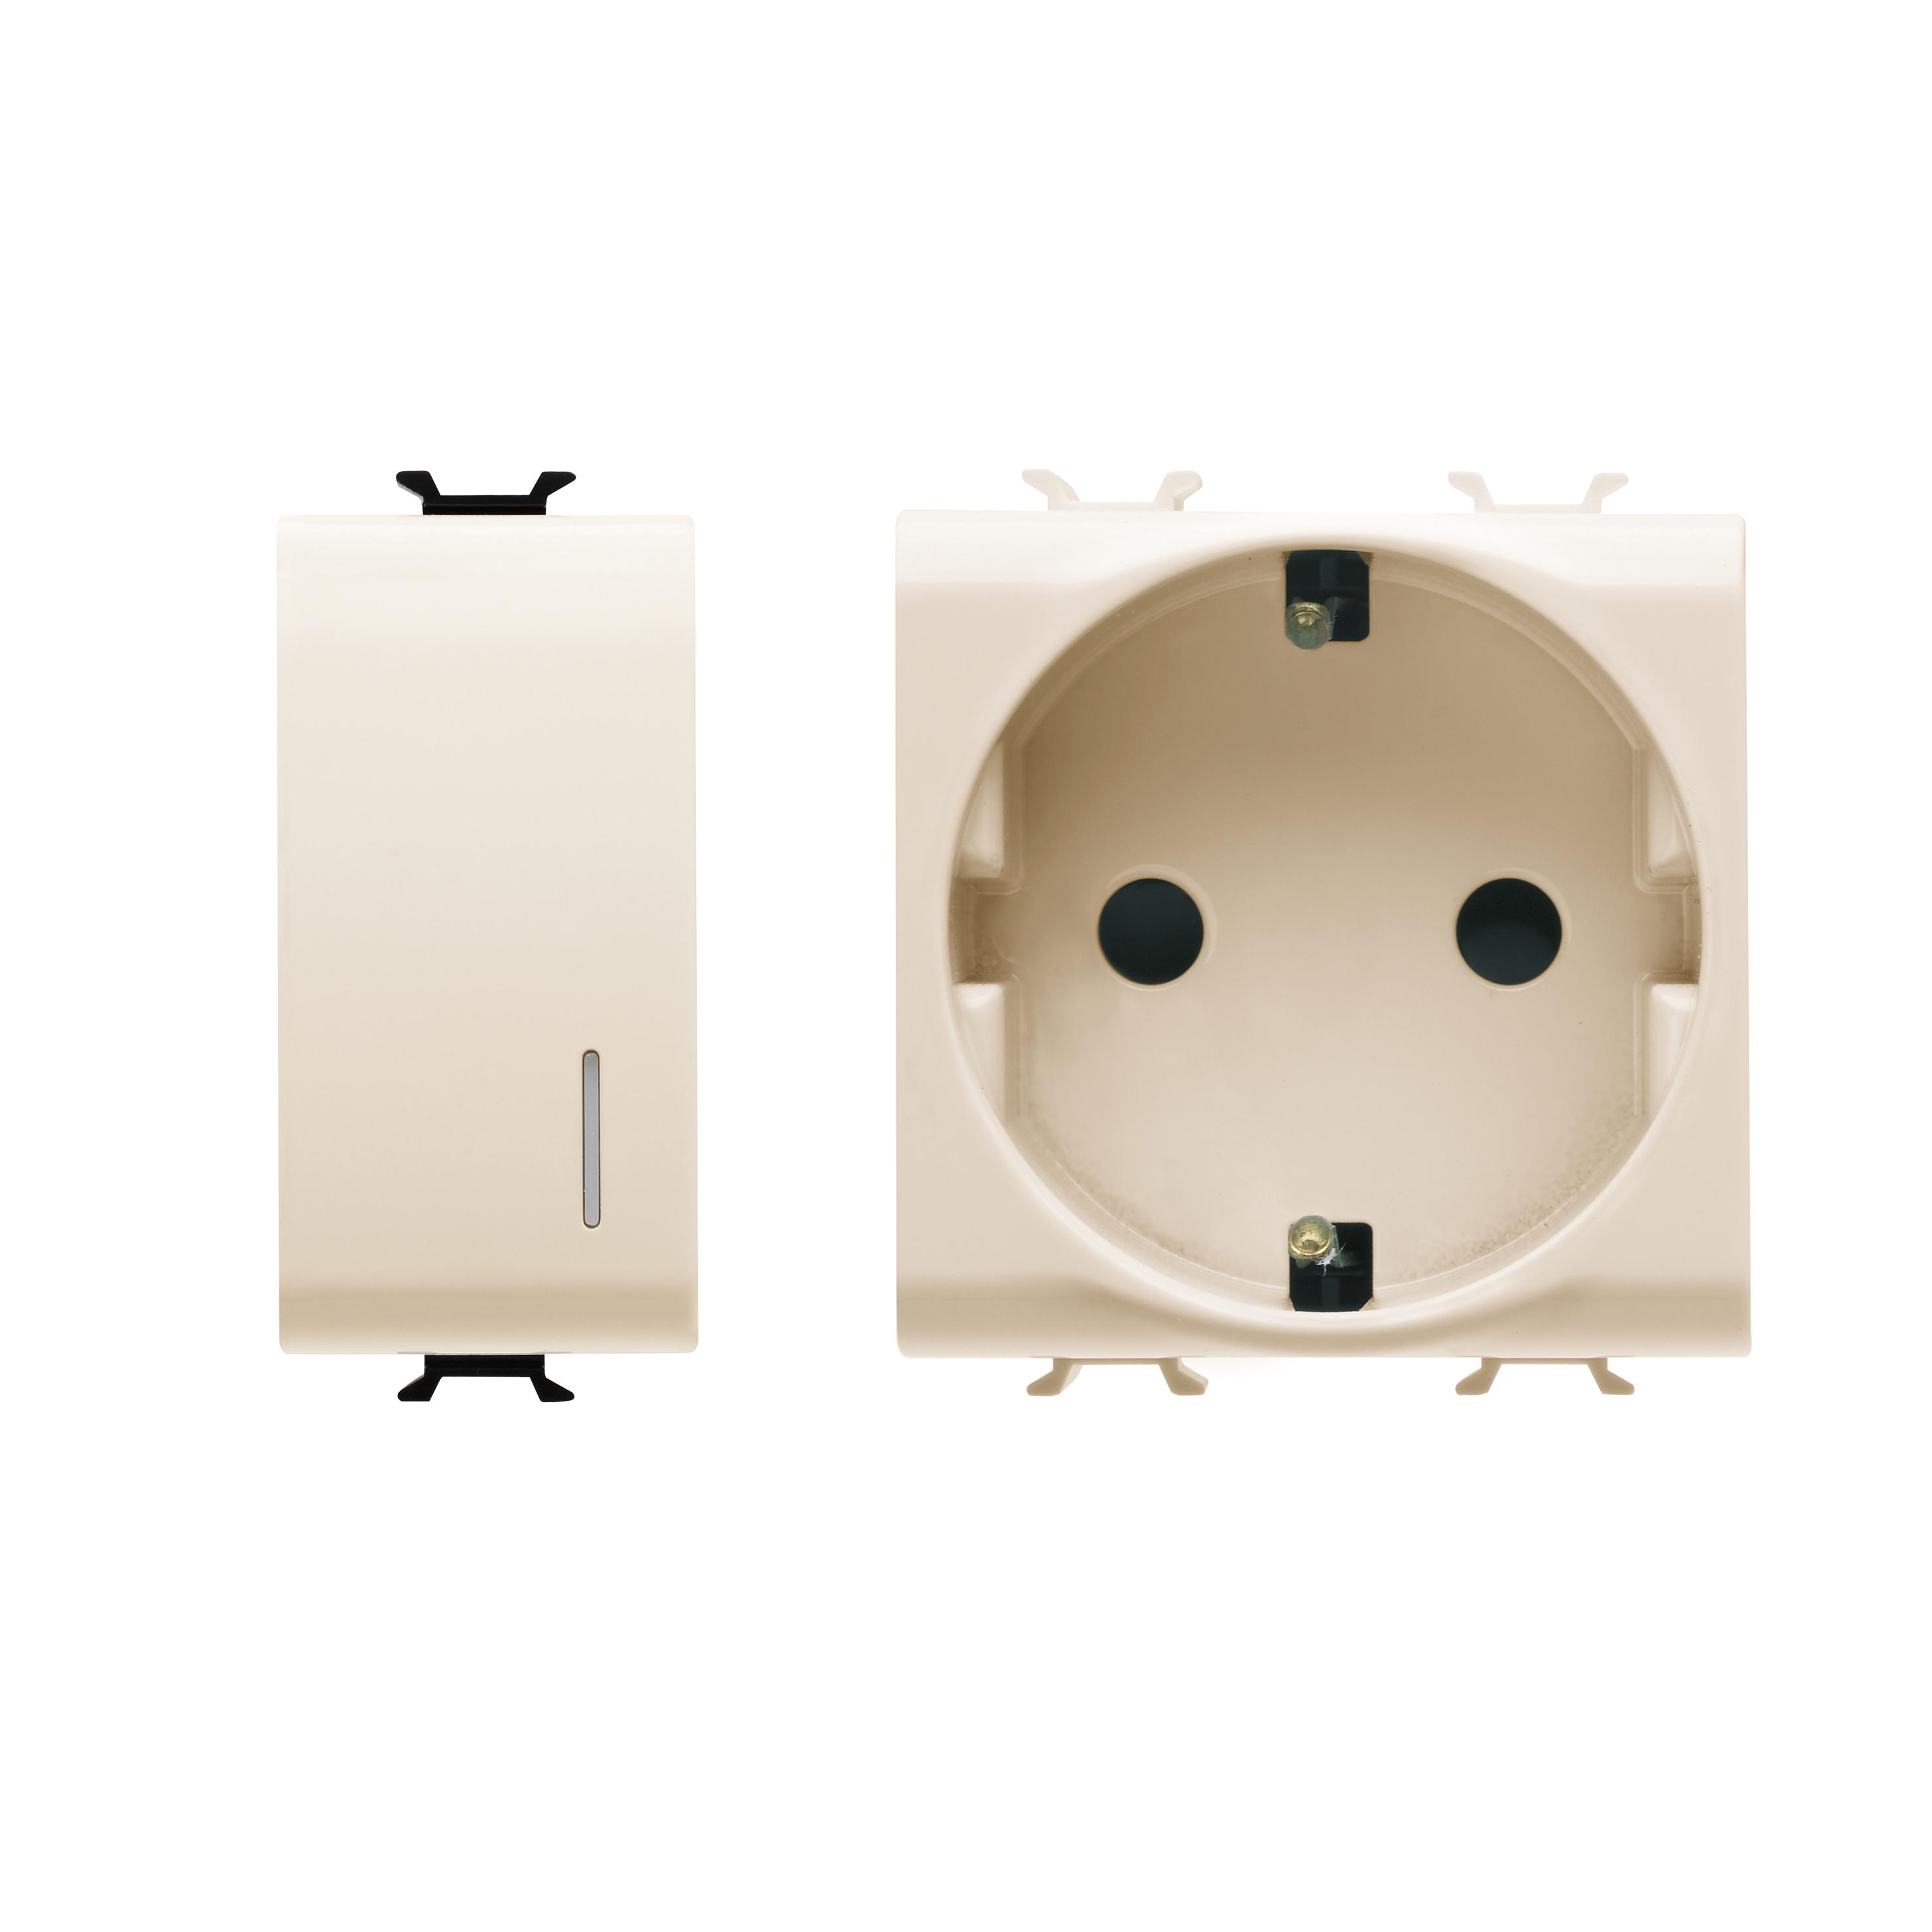 bianco 1,5 m di lunghezza con connettori tipo F in dotazione con un kit accoppiatore tipo F. Cavo coassiale Satellite maschio a maschio